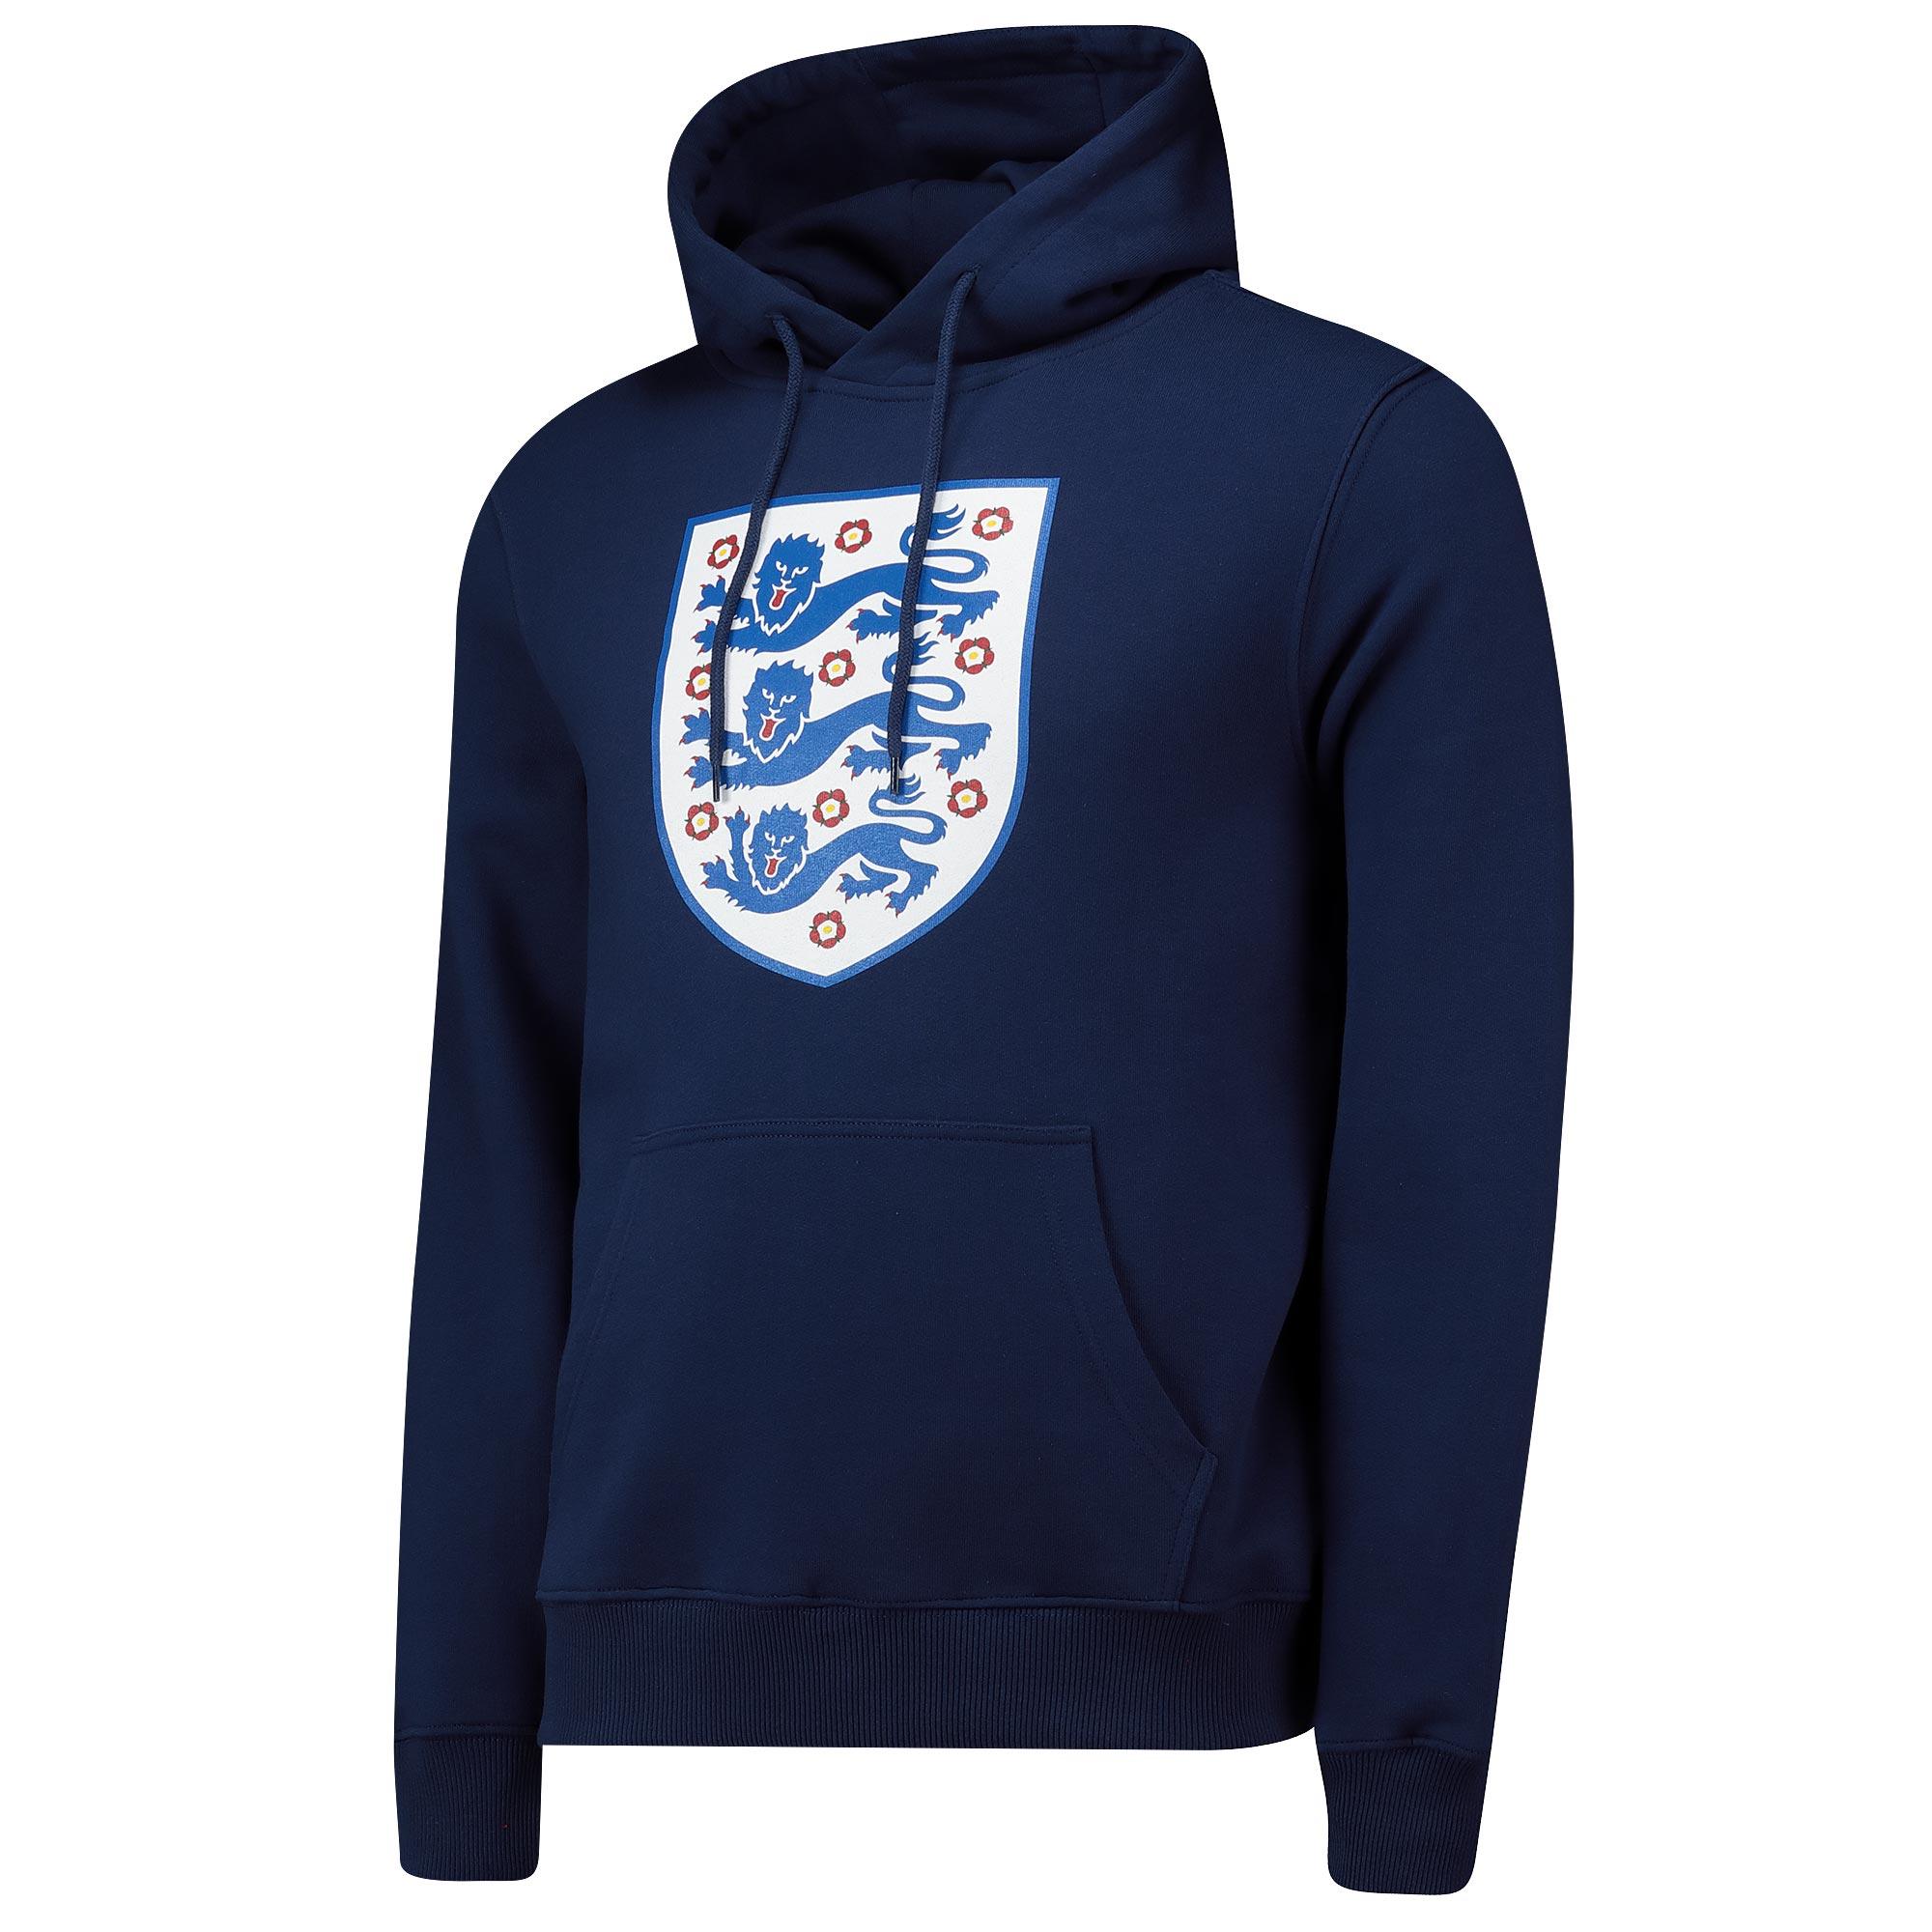 England Large Printed Crest Hoodie - Navy - Mens